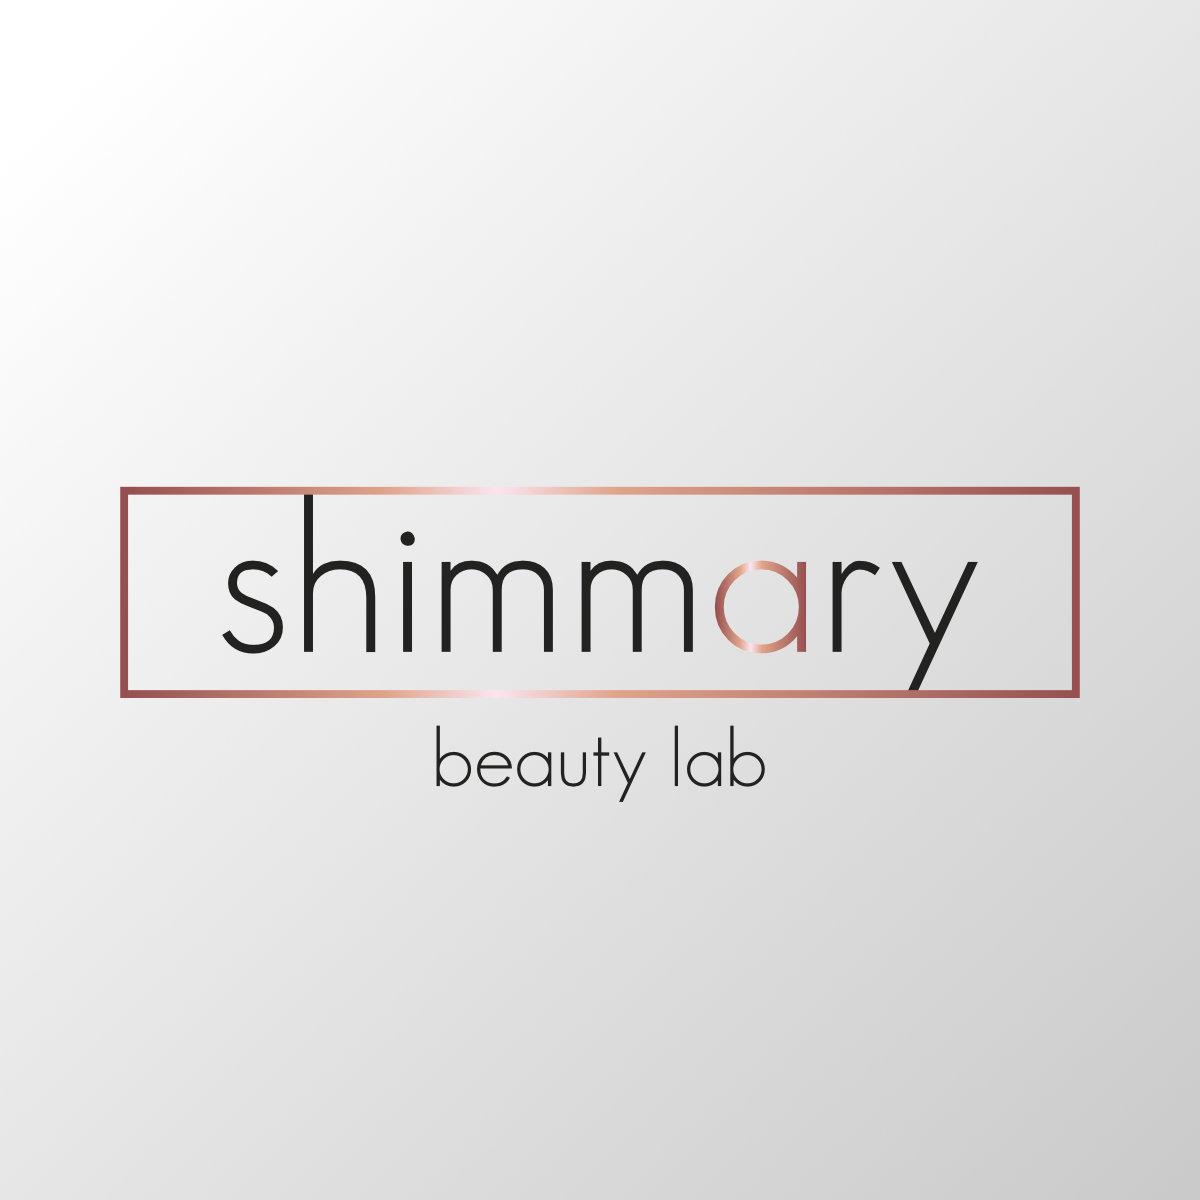 logo shimmary